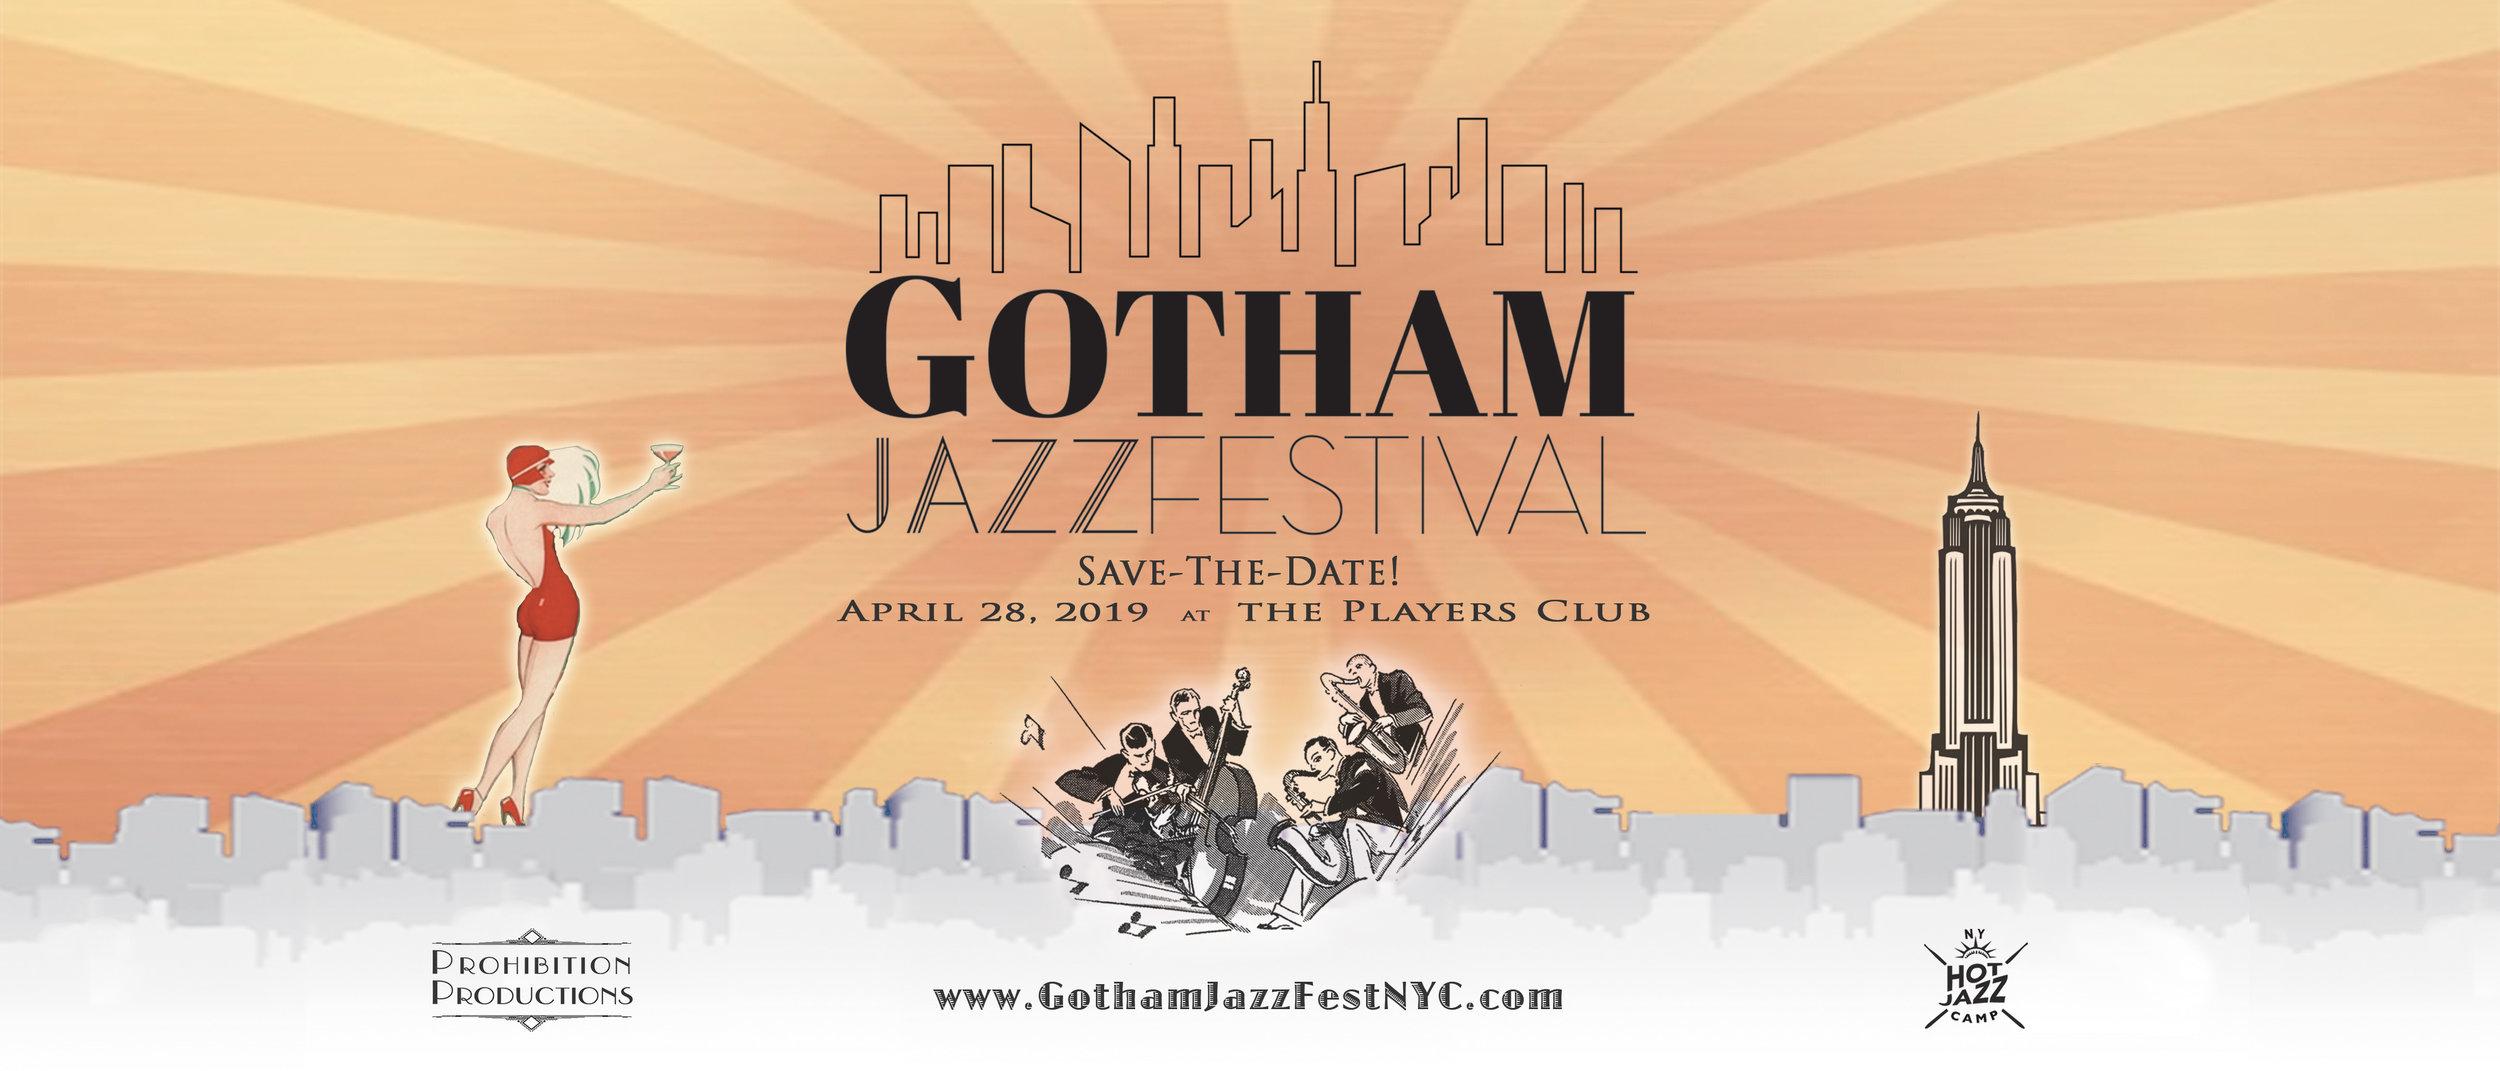 GOTHAM-JAZZ-FESTIVAL-banner-wider.jpg